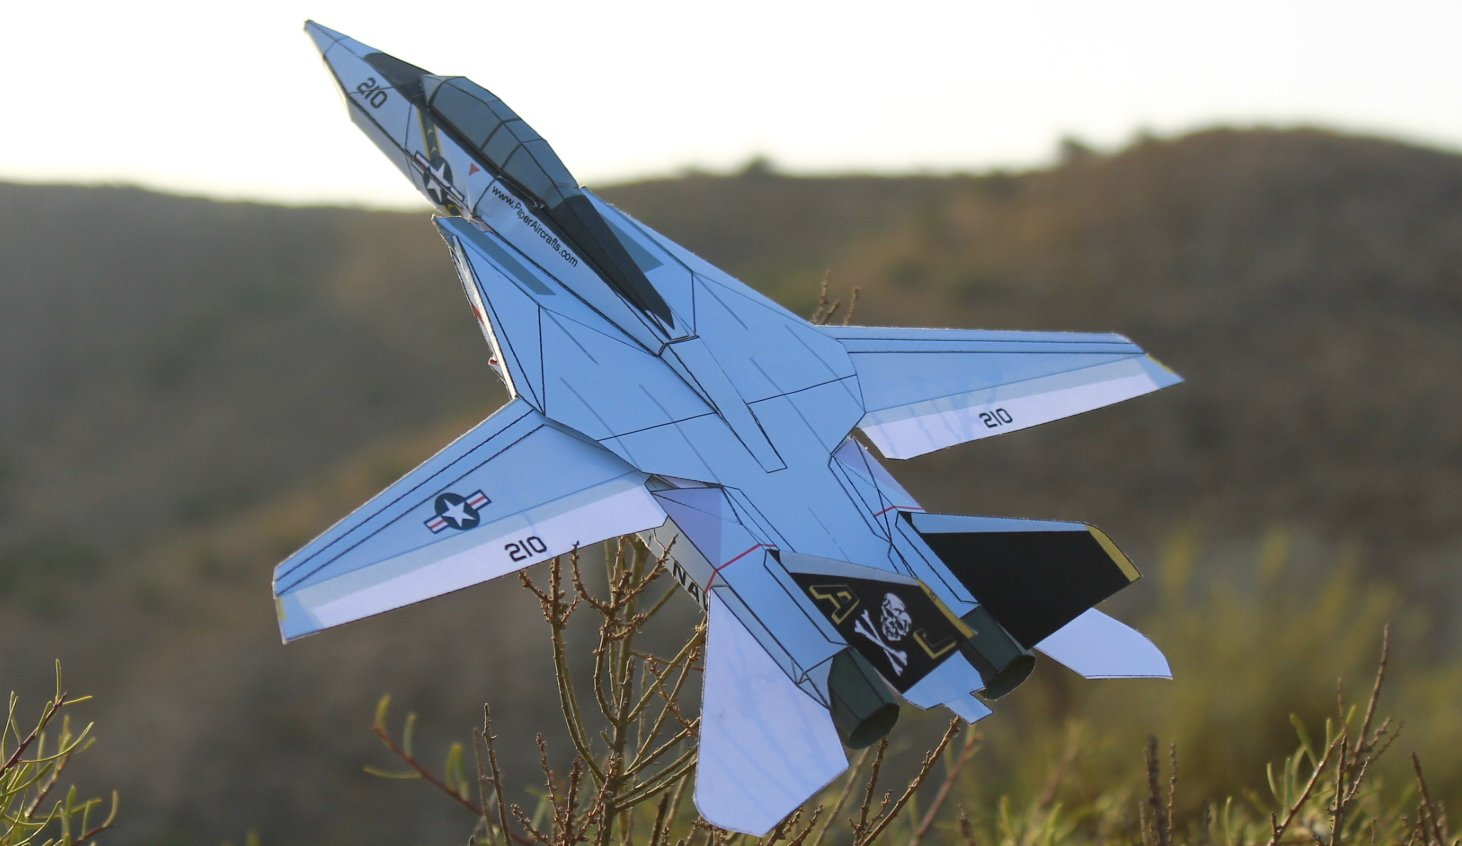 F-14-CL